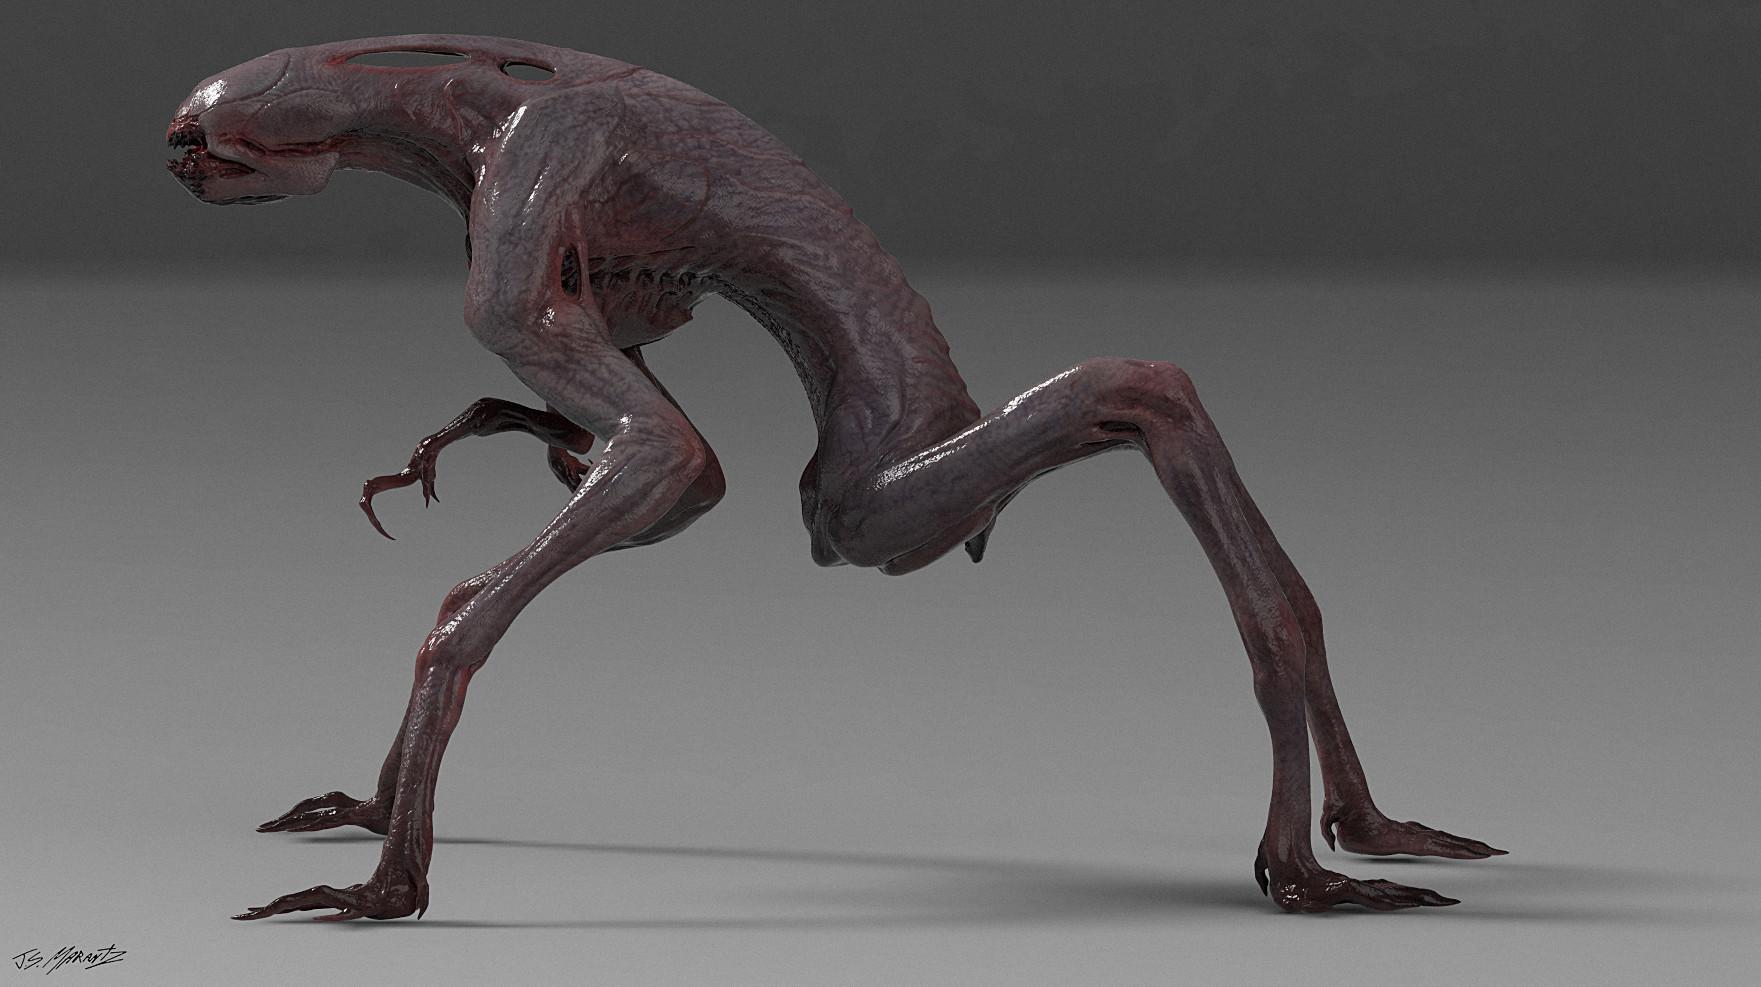 Jerx marantz creature render 6